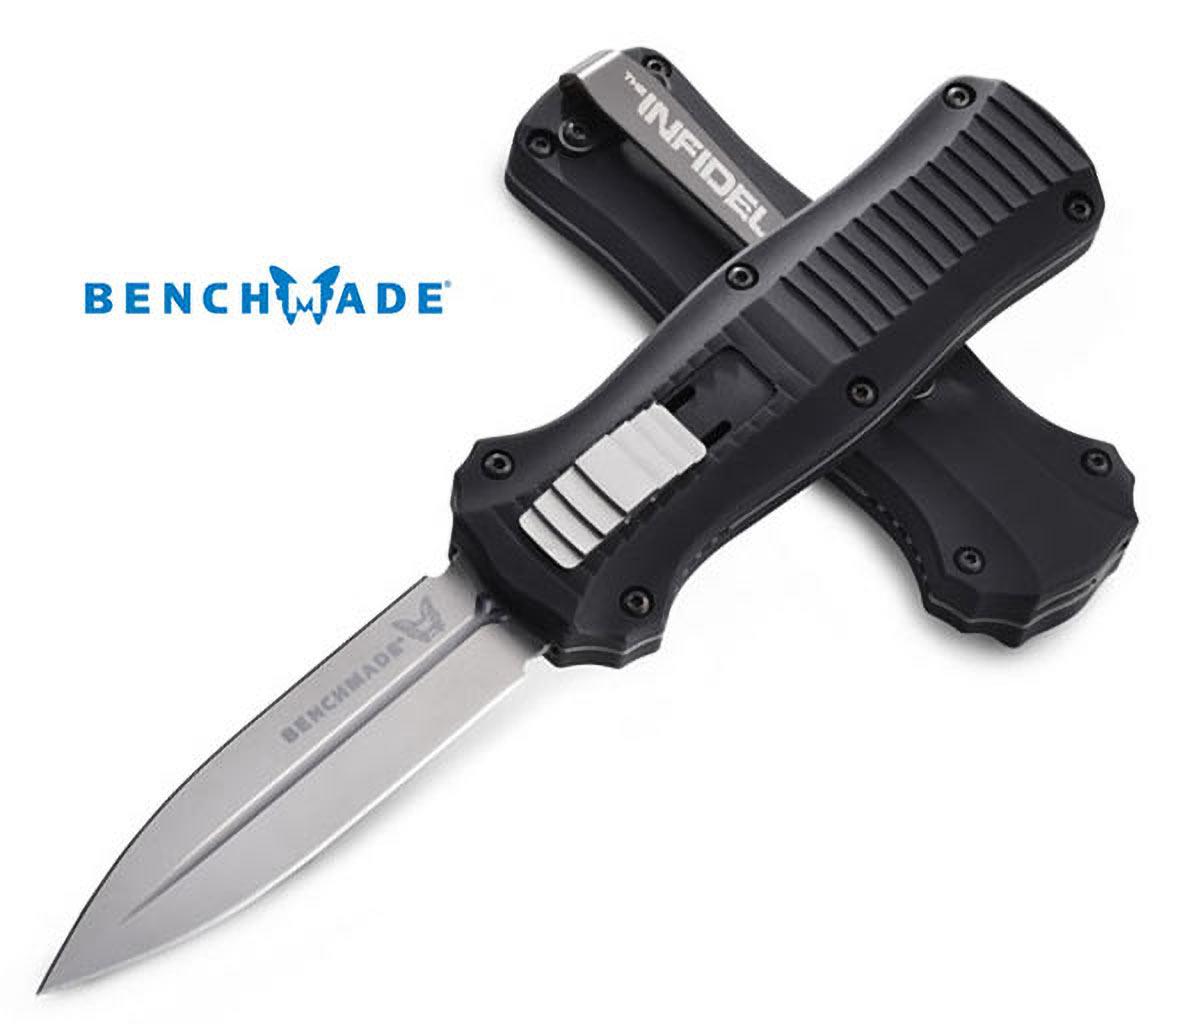 Benchmade 3350 Mini-Infidel